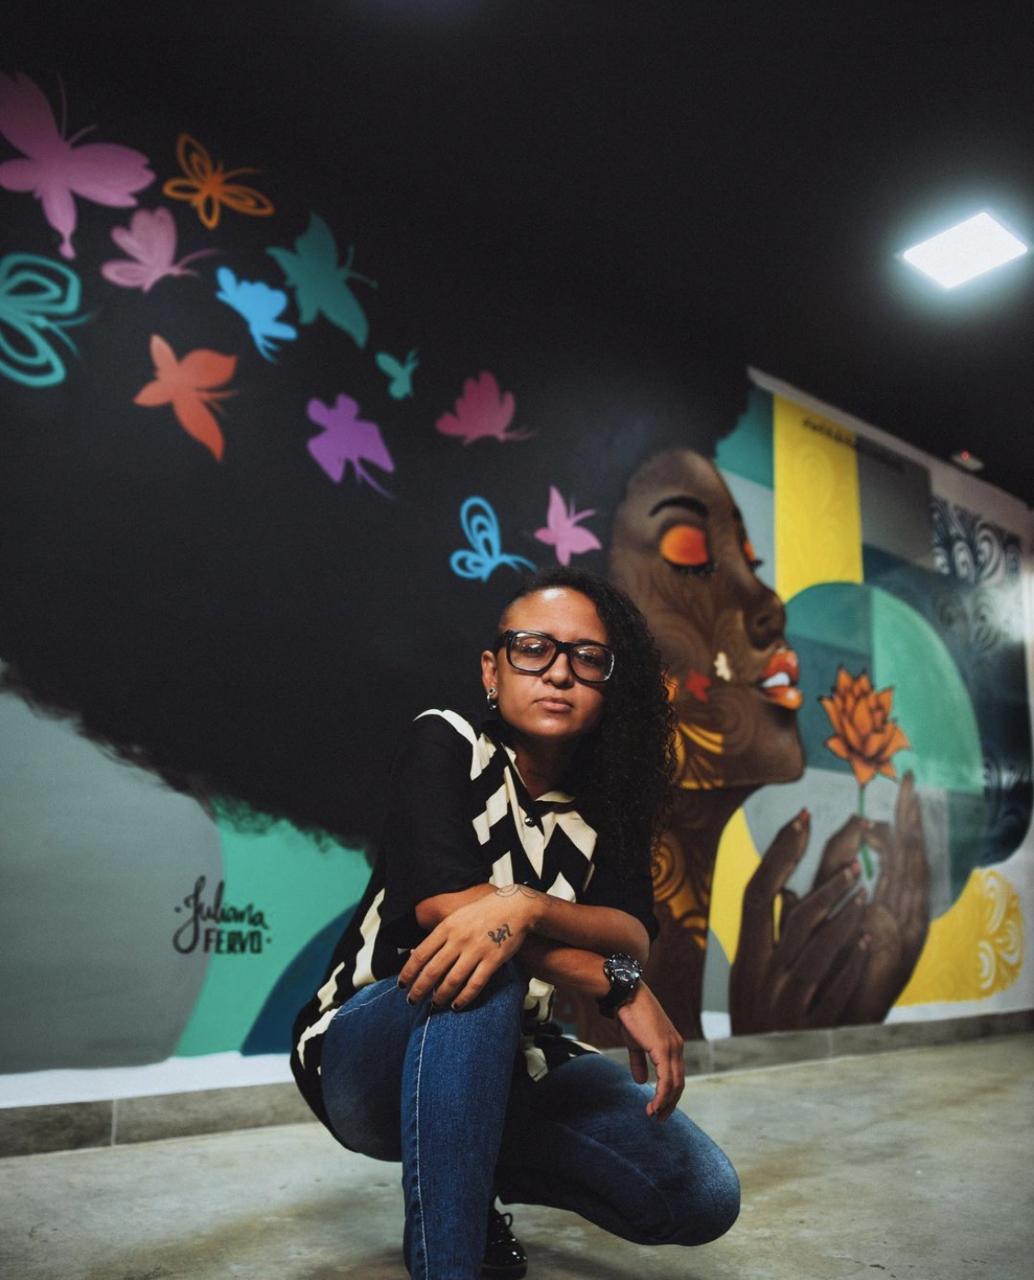 Mulher posa em frente a mural grafitado